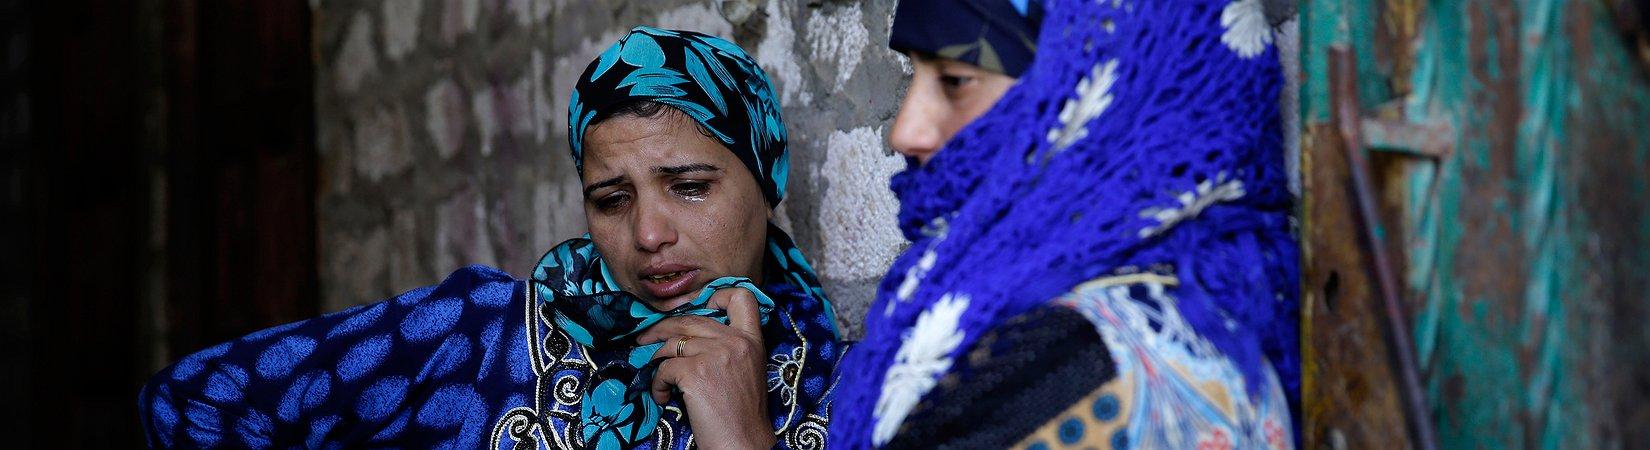 Comment est la vie sous l'Etat islamique ?